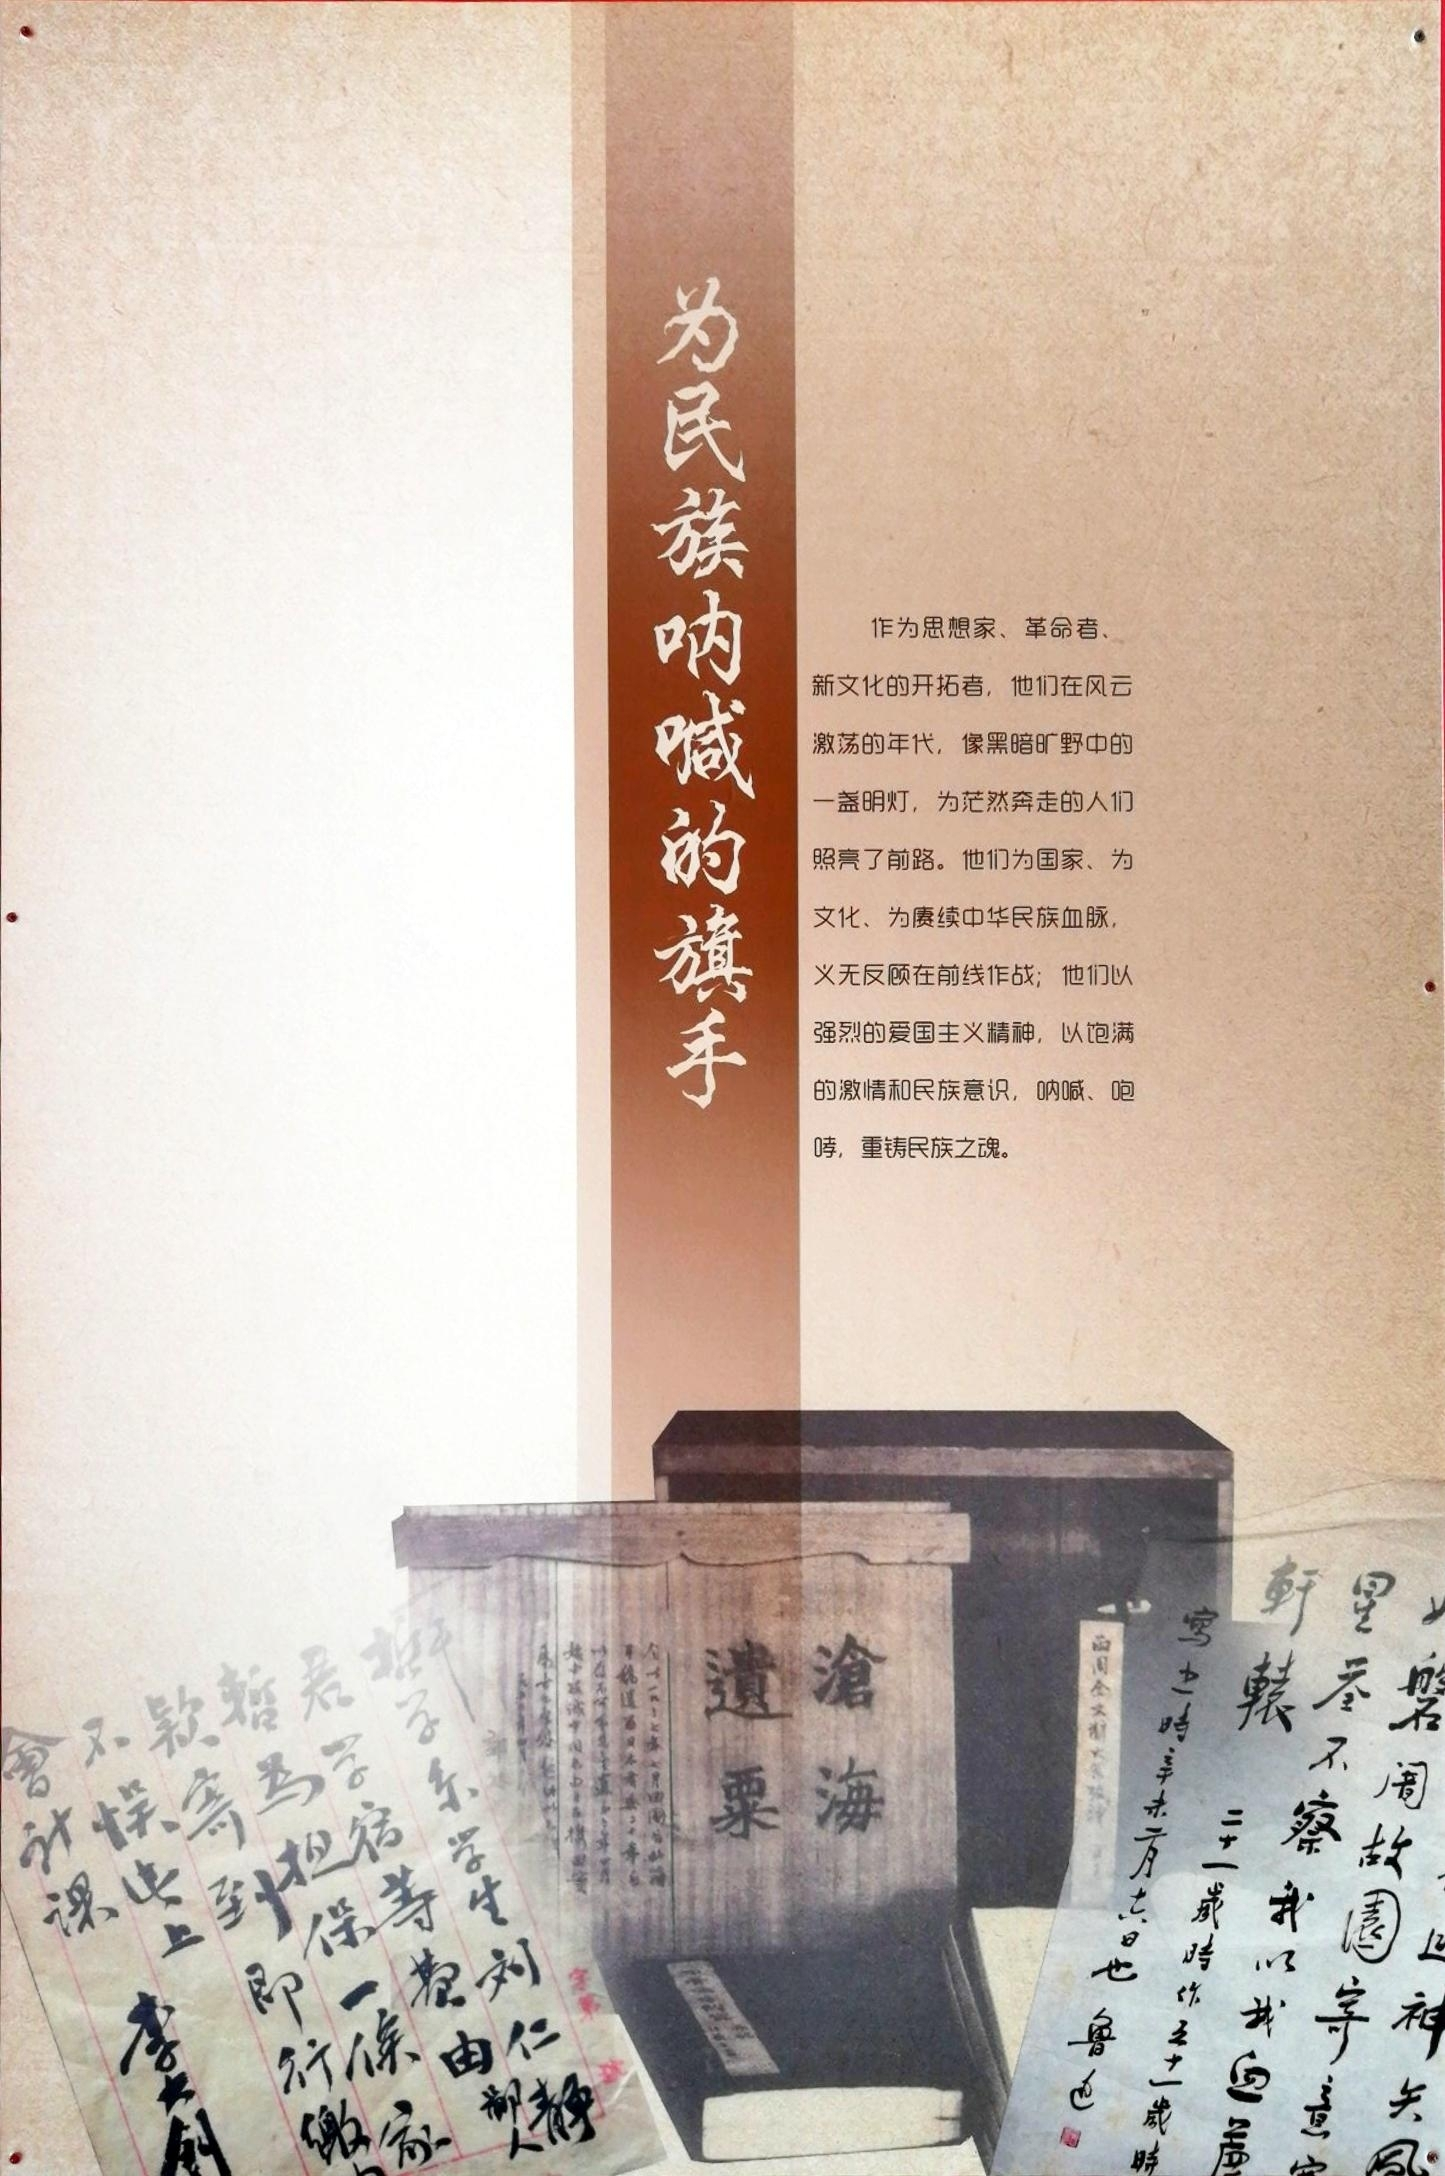 風骨〔京津冀〕 名人•名作•名物展